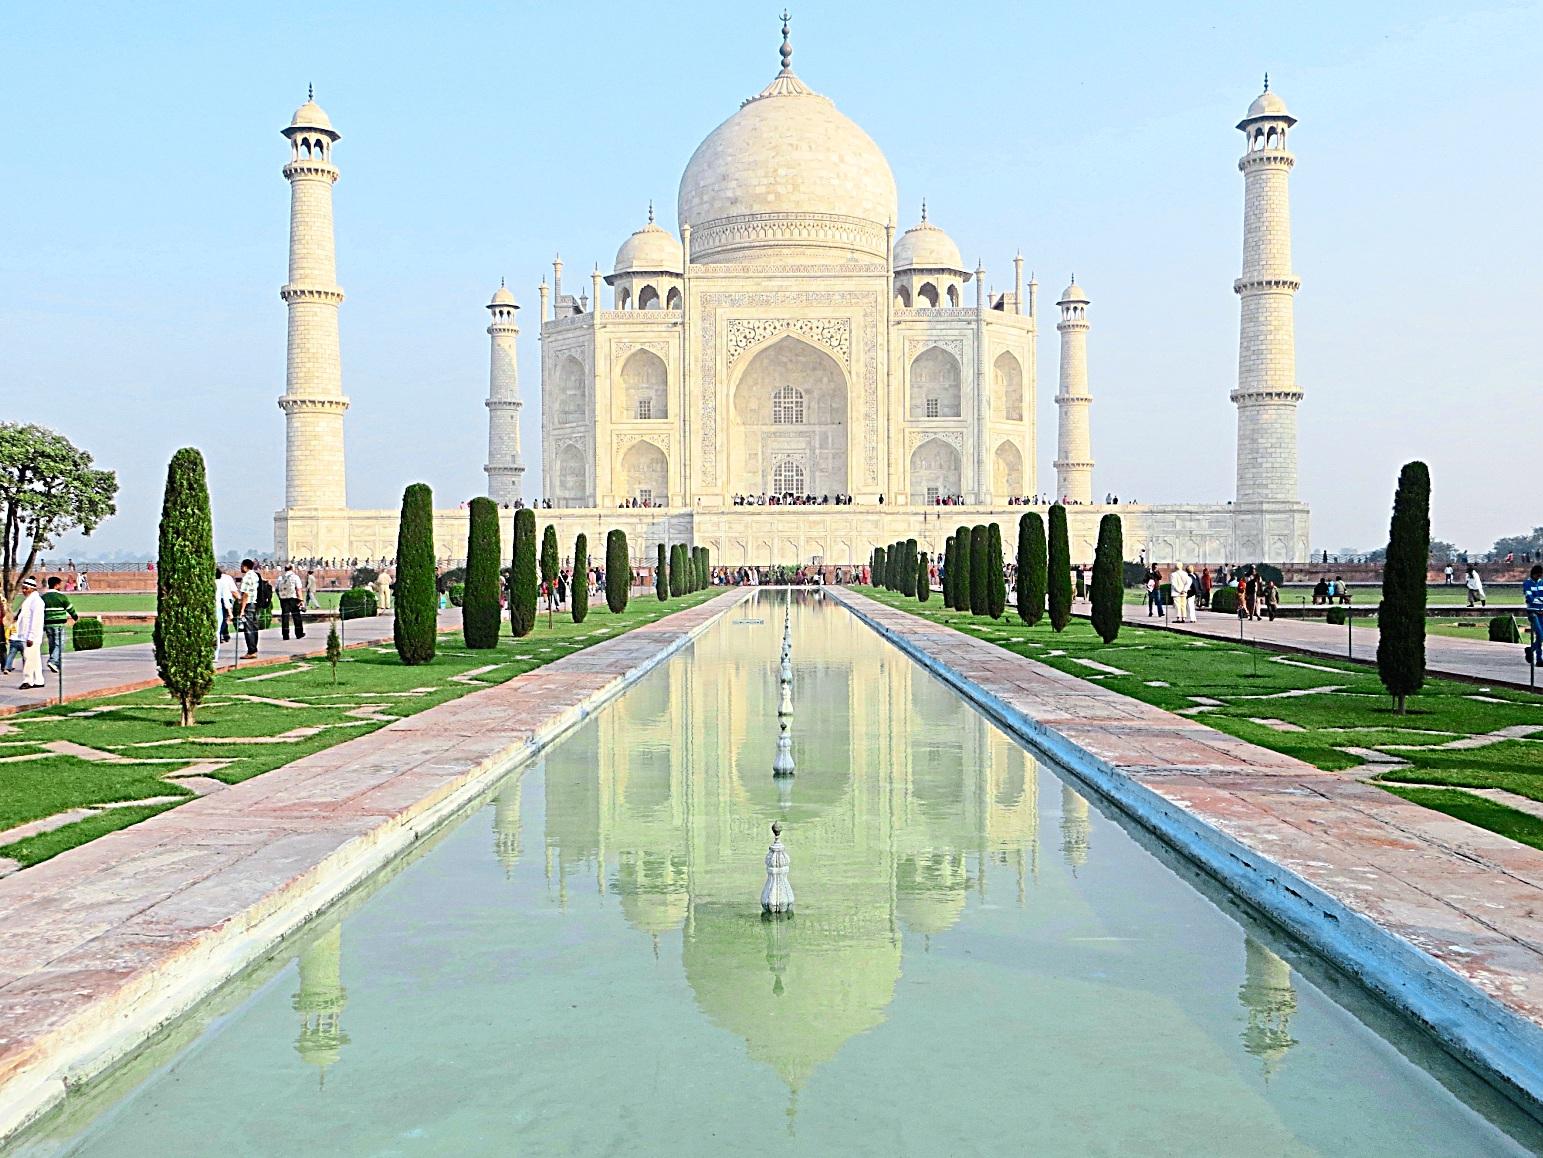 The absolutely spectacular Taj Mahal in Agra. - Photo from TripAdvisor